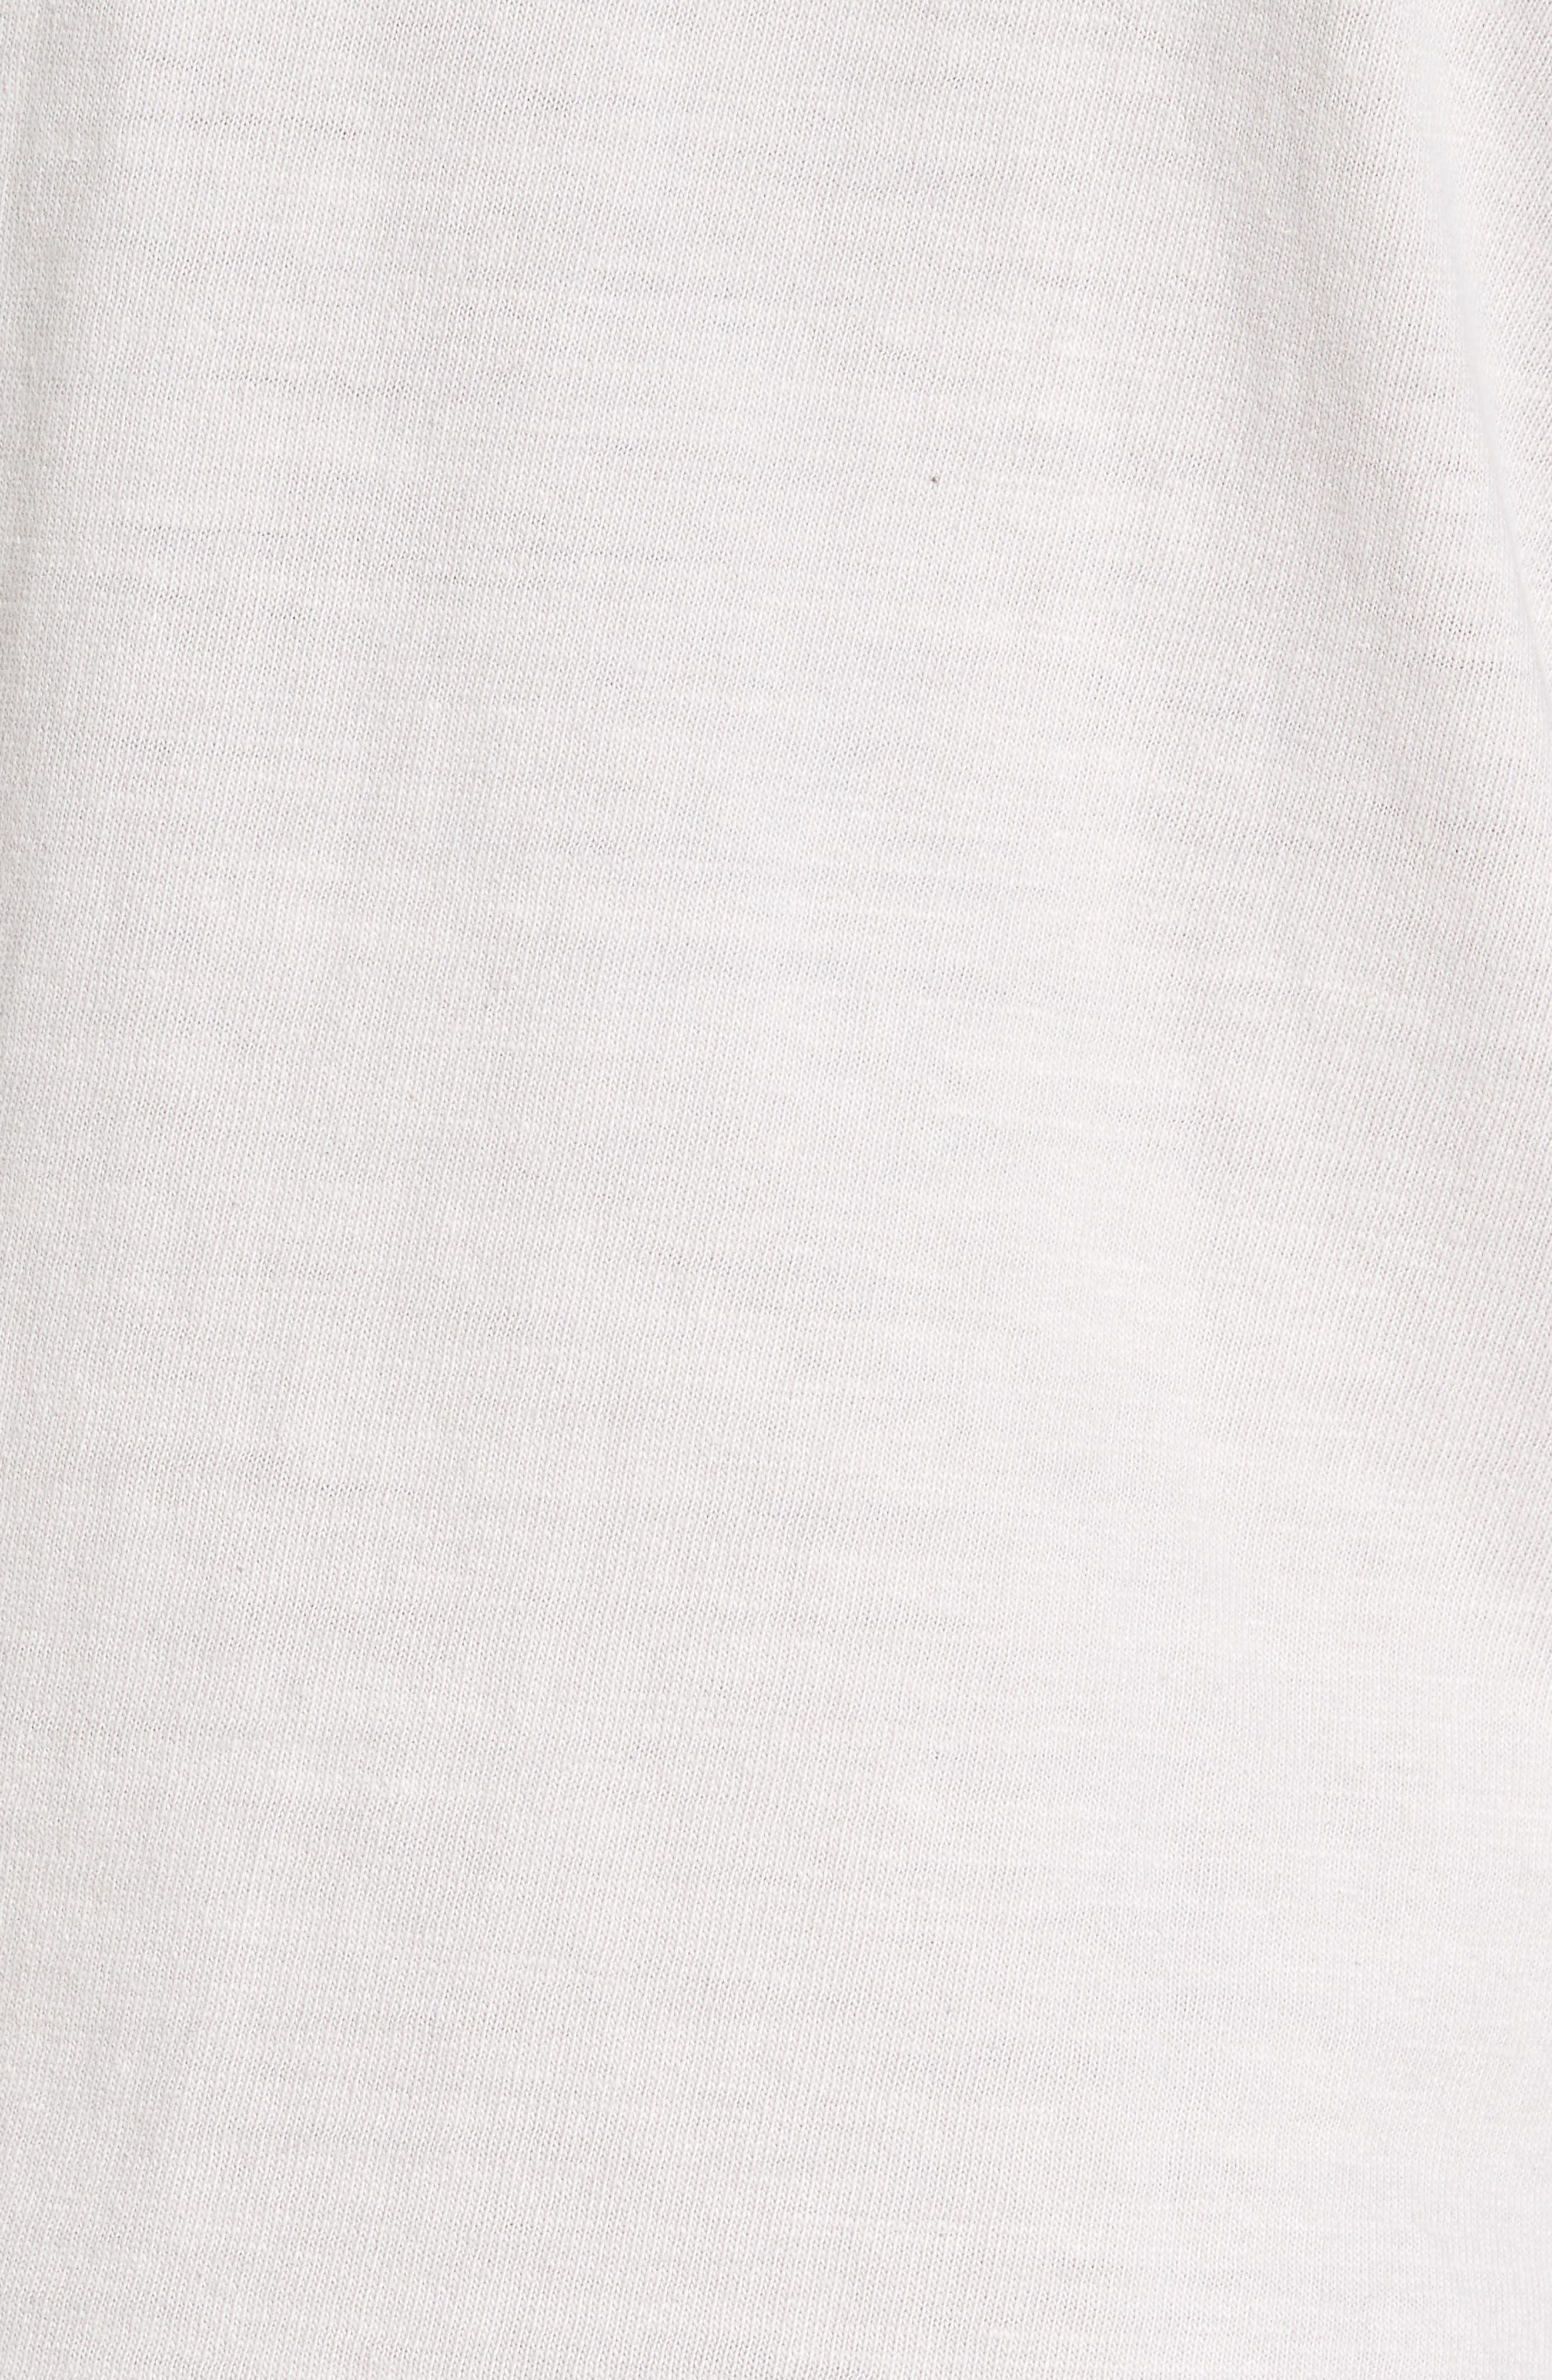 Long Sleeve Henley T-Shirt,                             Alternate thumbnail 5, color,                             Concrete Dust Pigment